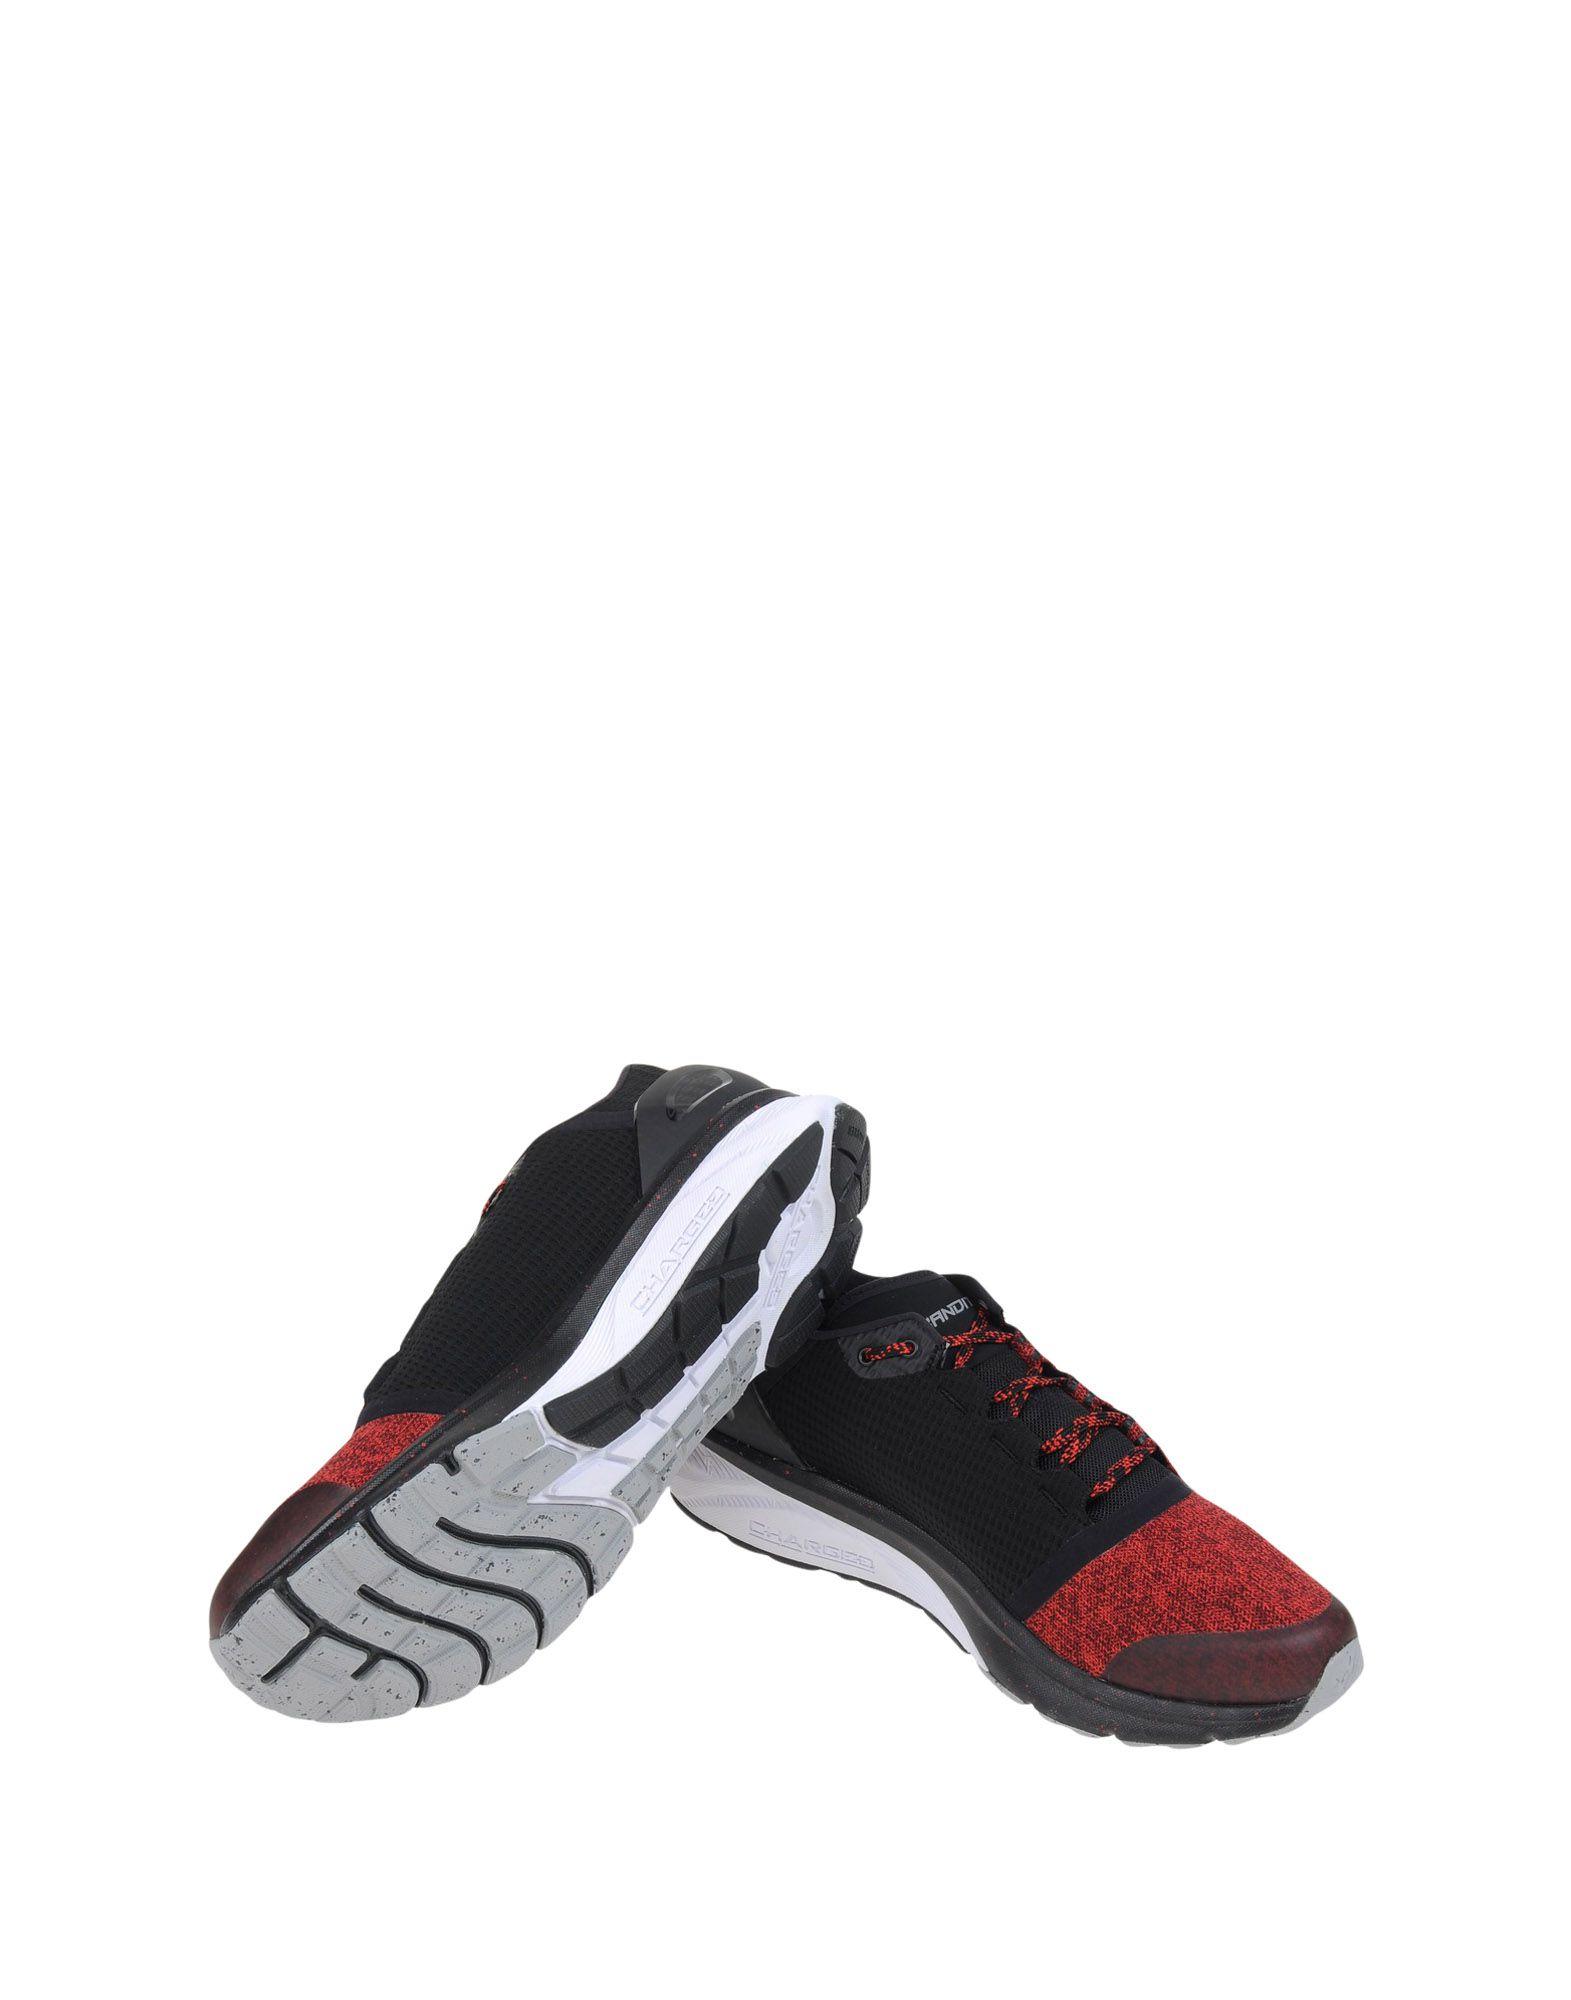 Rabatt Ua echte Schuhe Under Armour Ua Rabatt Charged Bandit 2 11095680QW 63a391